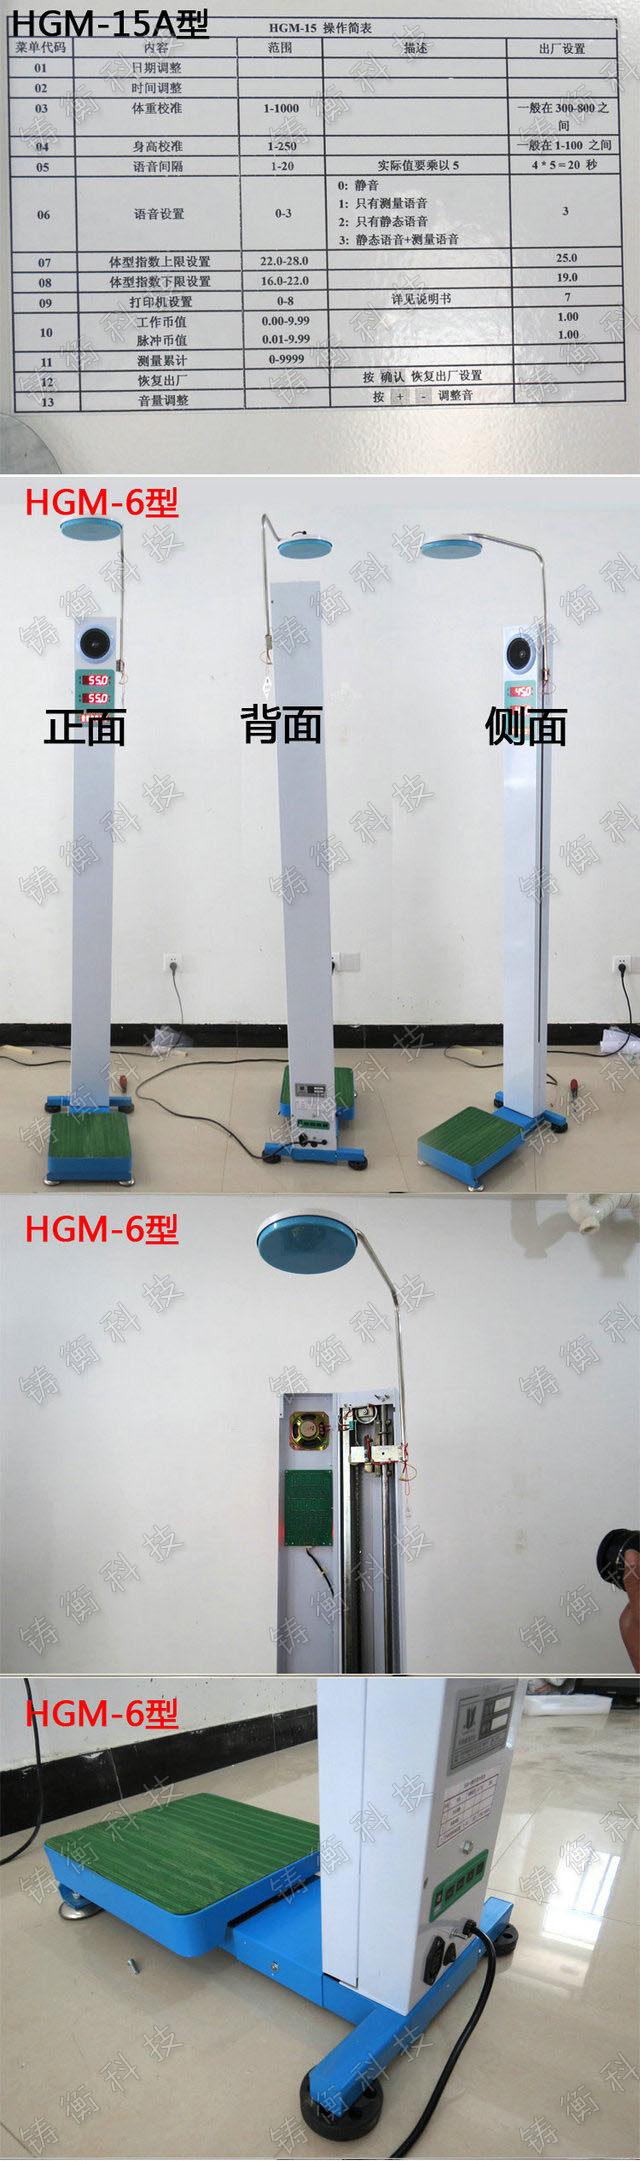 身高体重测试仪